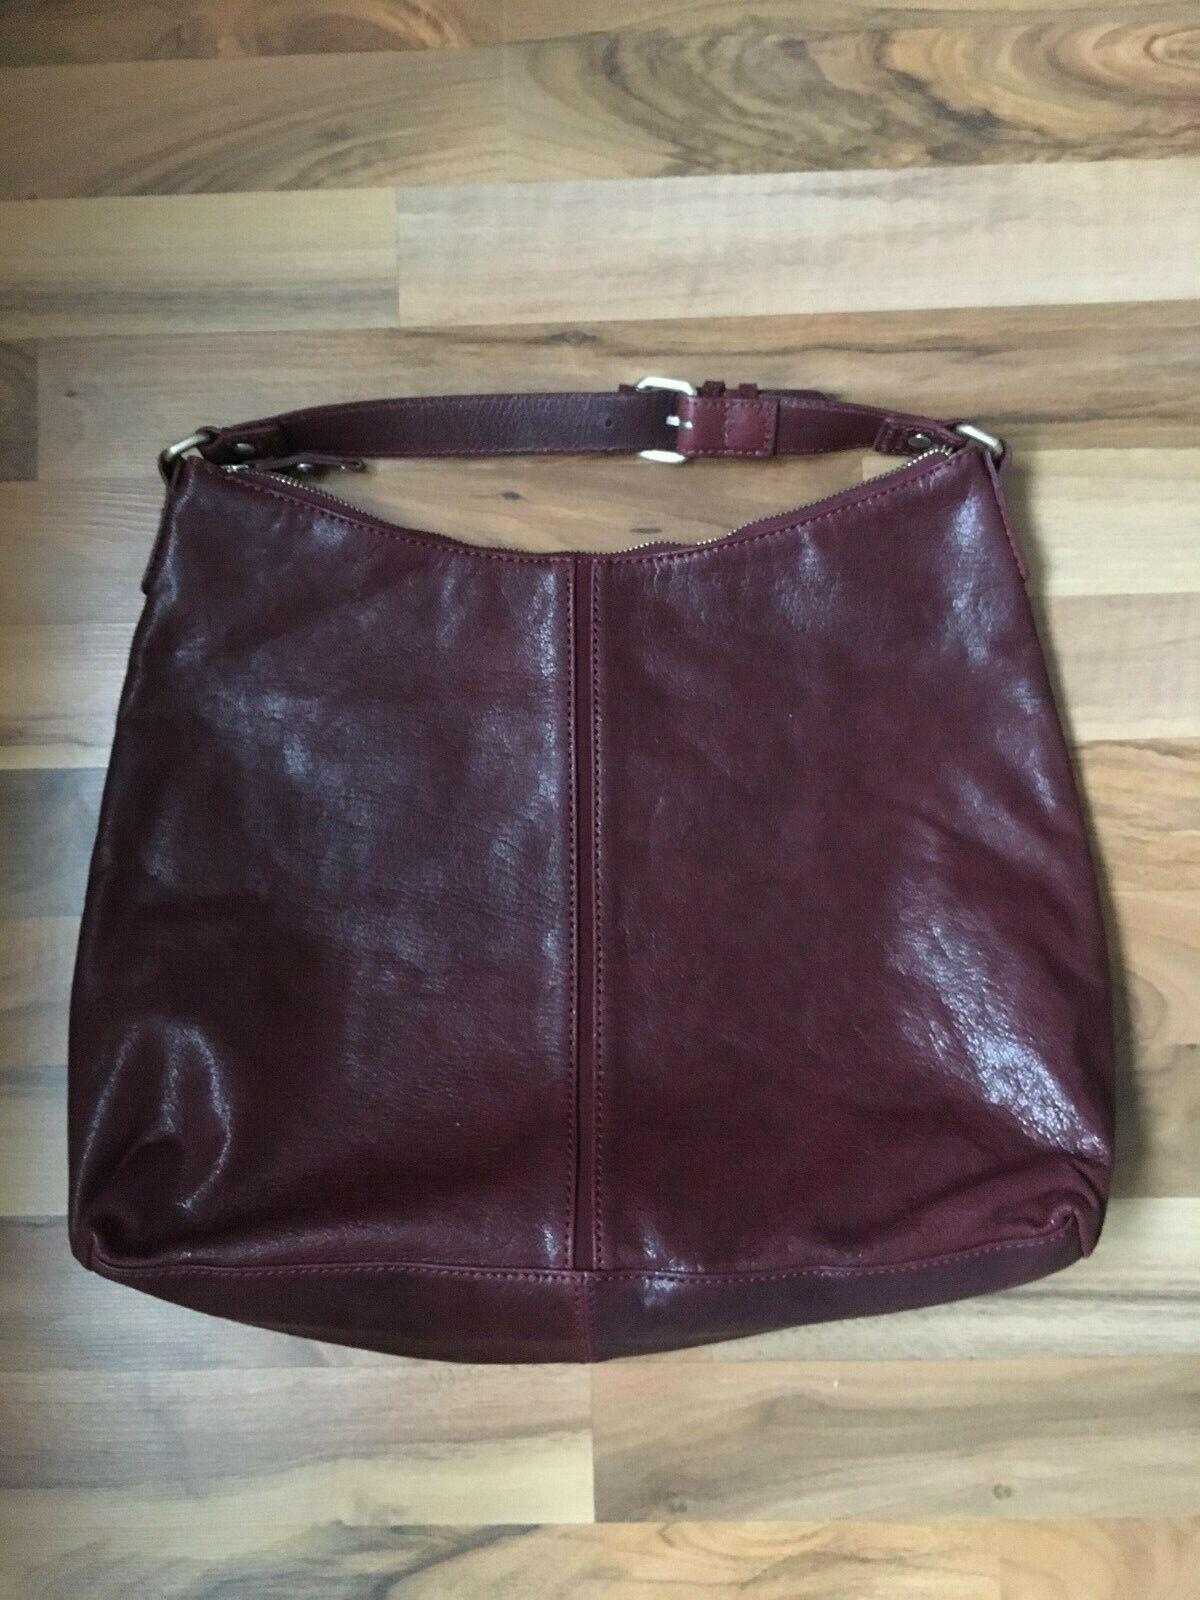 Brax Leder Damen Tasche Handtasche Bag weinrot bordeaux NEU